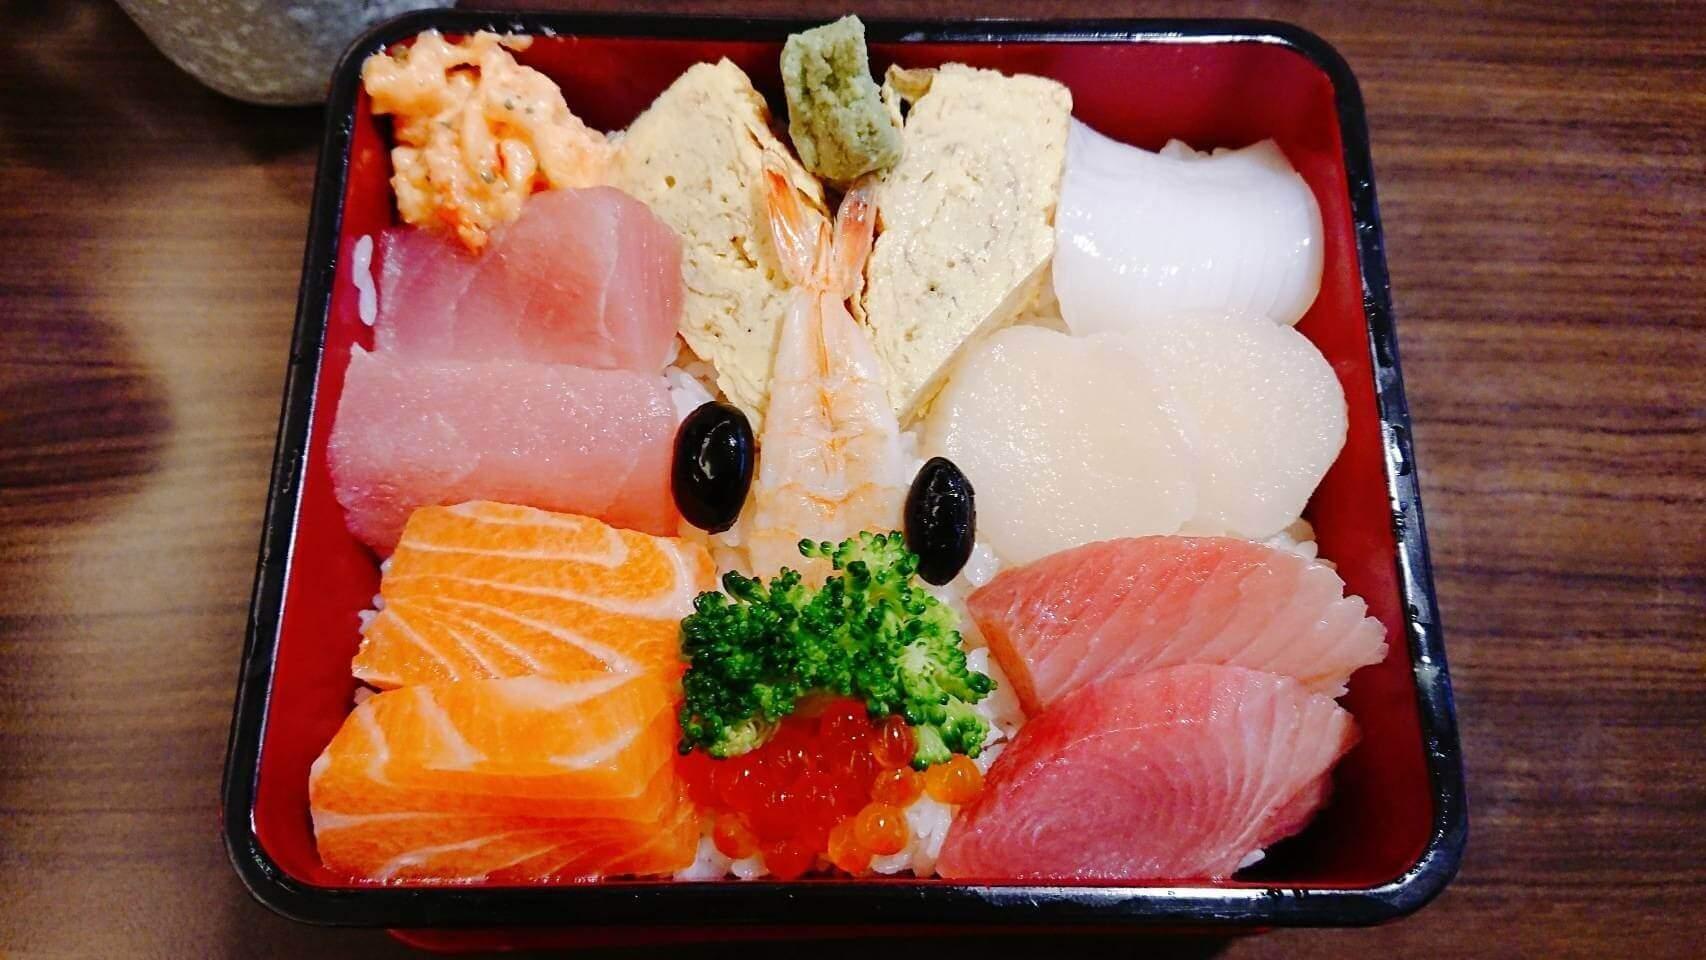 【宜蘭礁溪】文月和食–鹽烤鮭魚超好吃,挺有日式風的小店